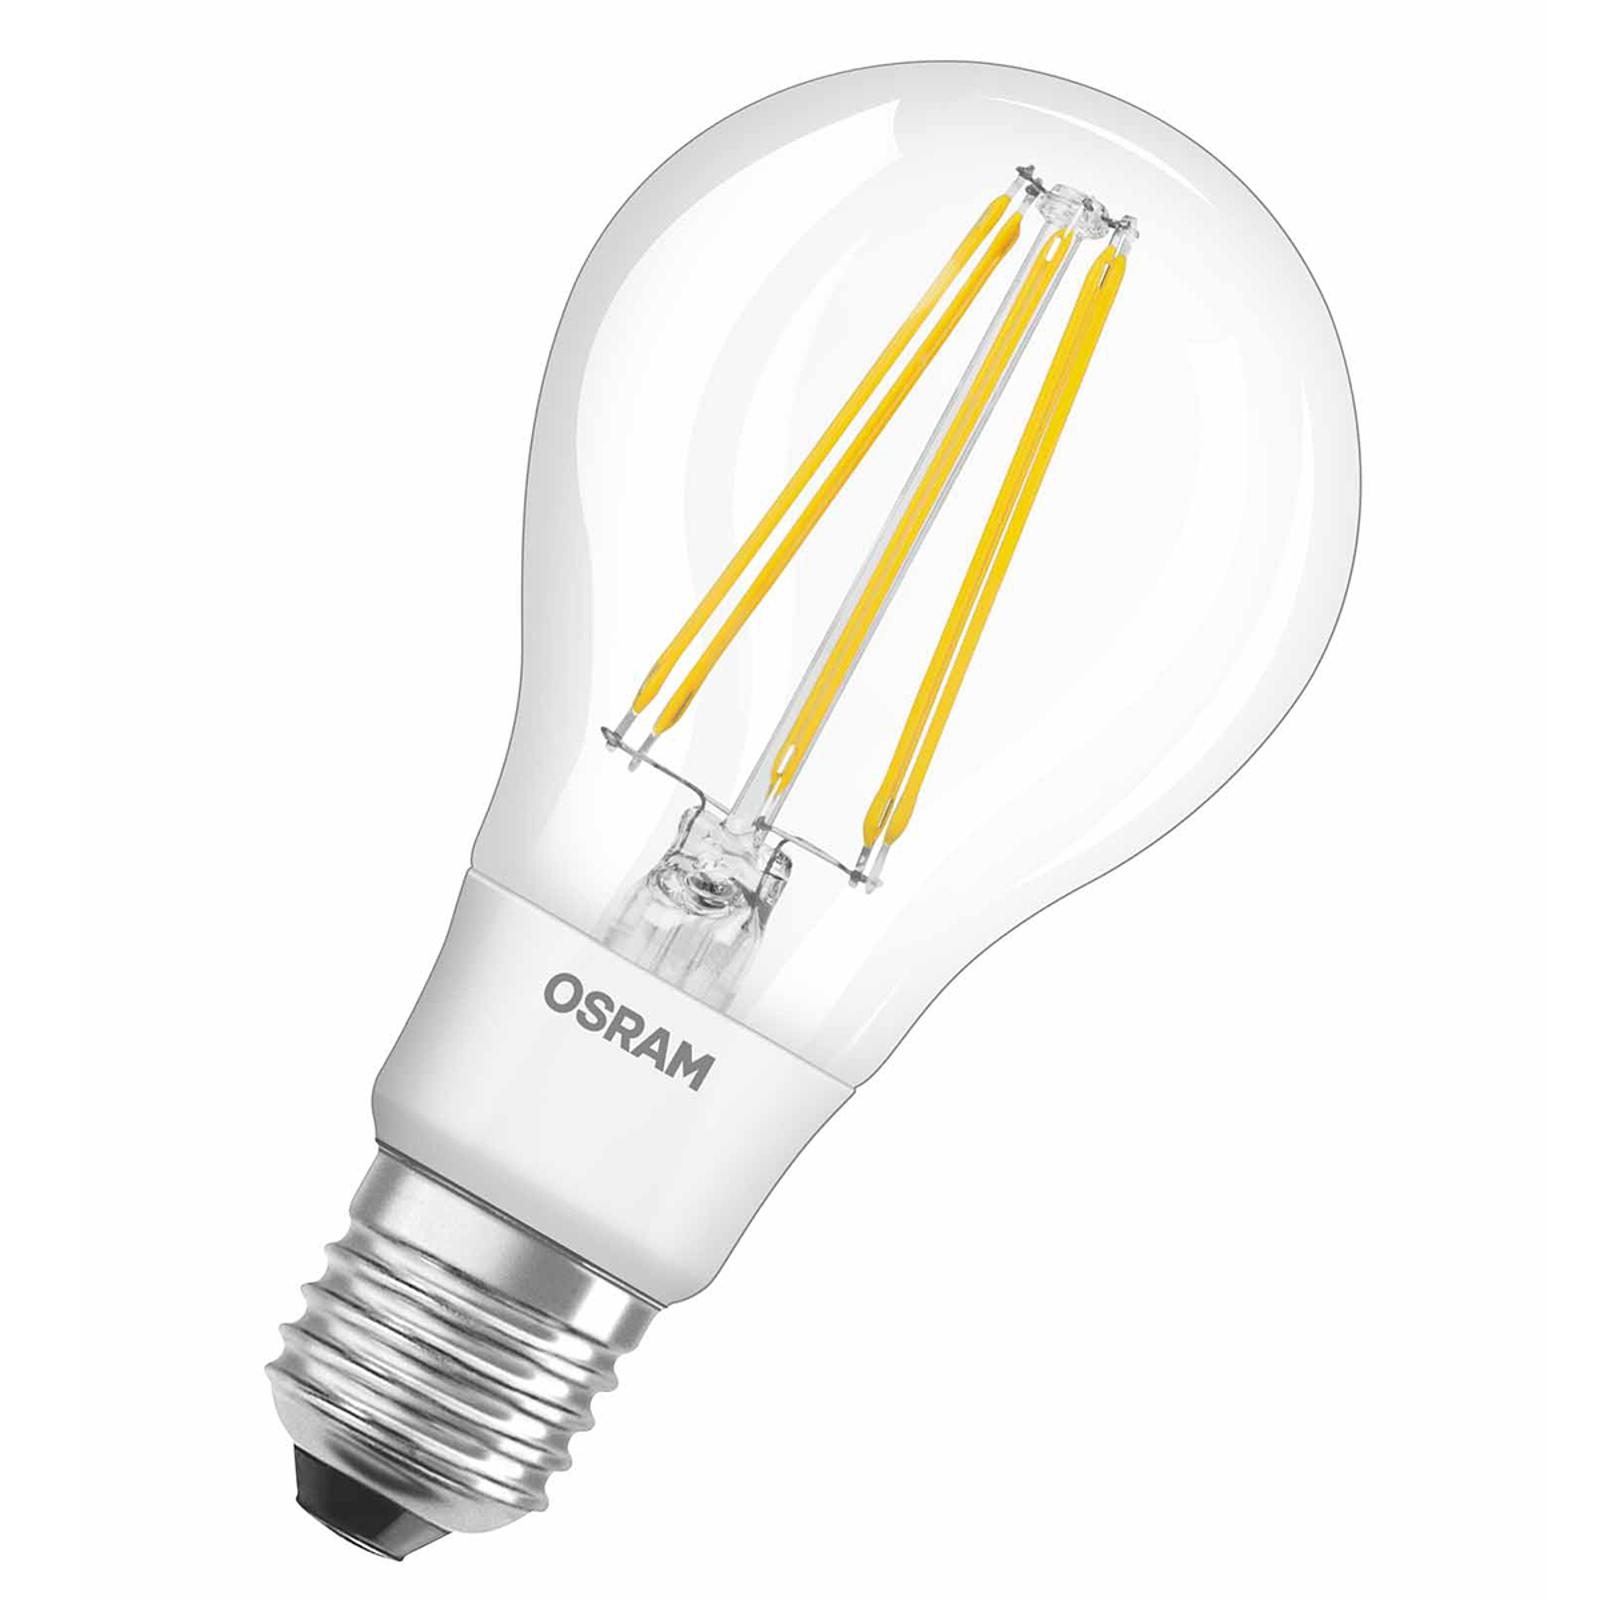 OSRAM LED-Lampe E27 10W 827 Filament